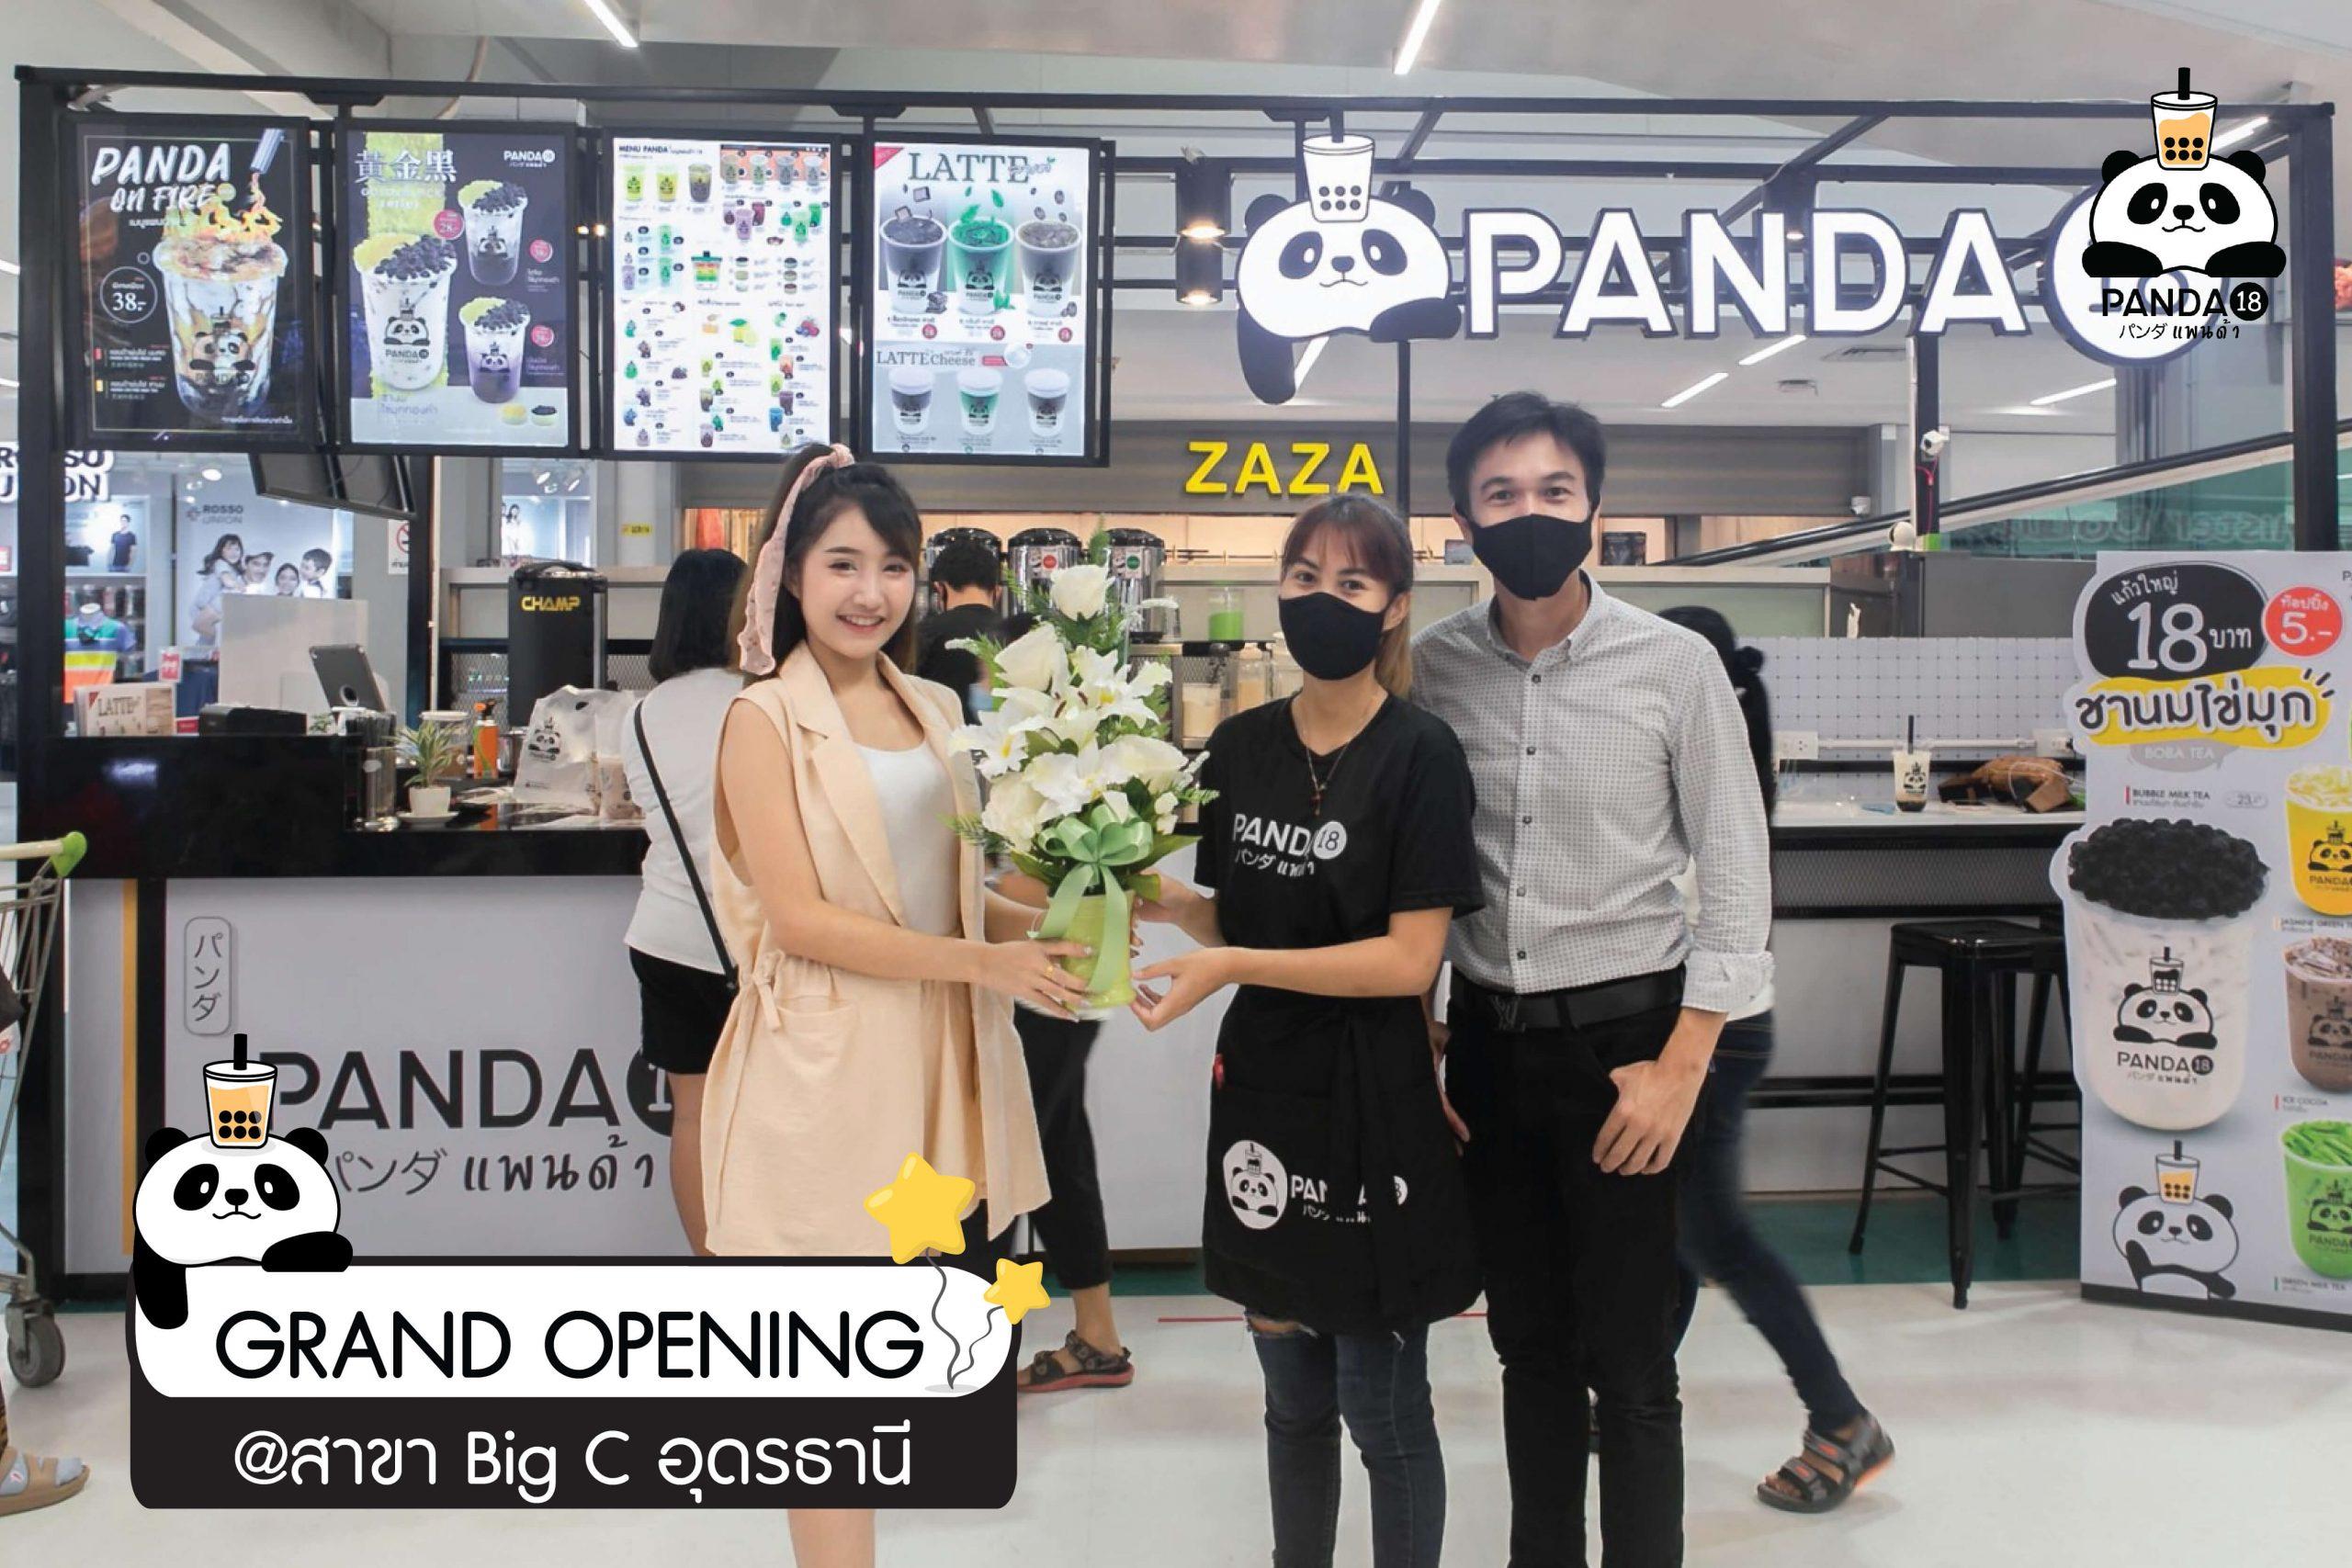 เปิดร้าน แพนด้า18 ชานมไข่มุก สาขาบิ๊กซี อุดรธานีแล้ว!!